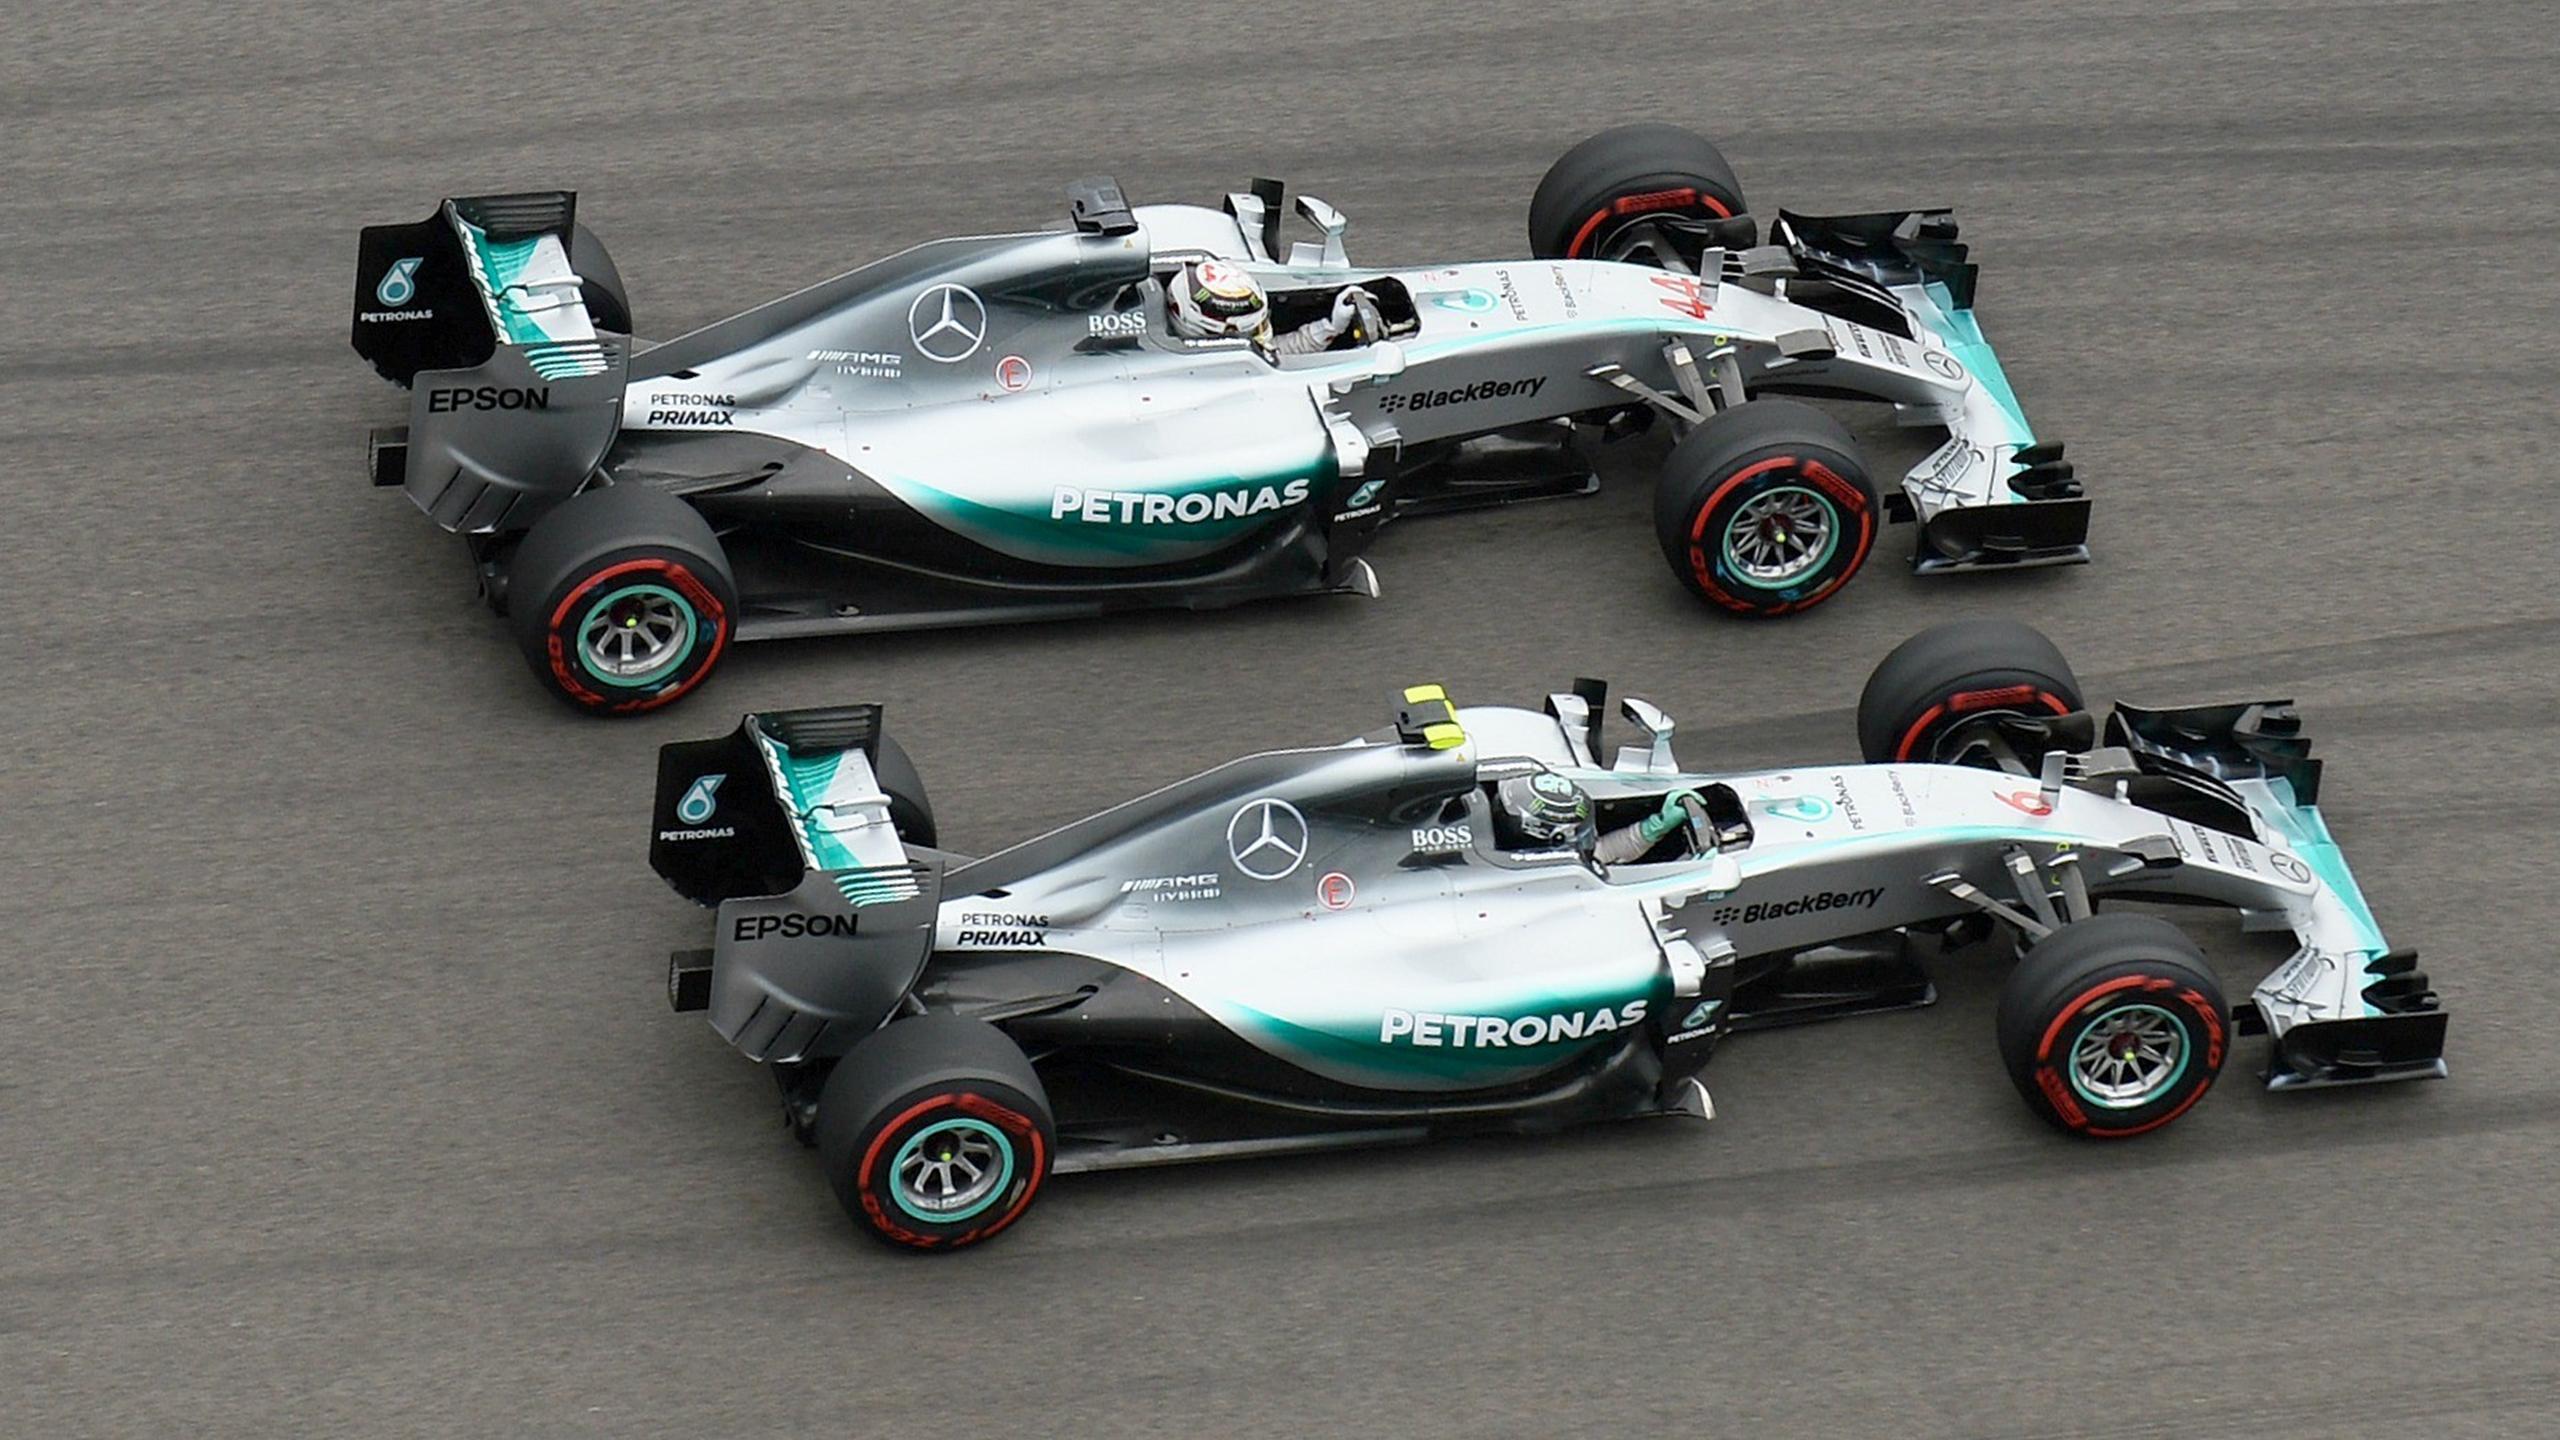 Нико Росберг и Льюис Хэмилтон (Mercedes)